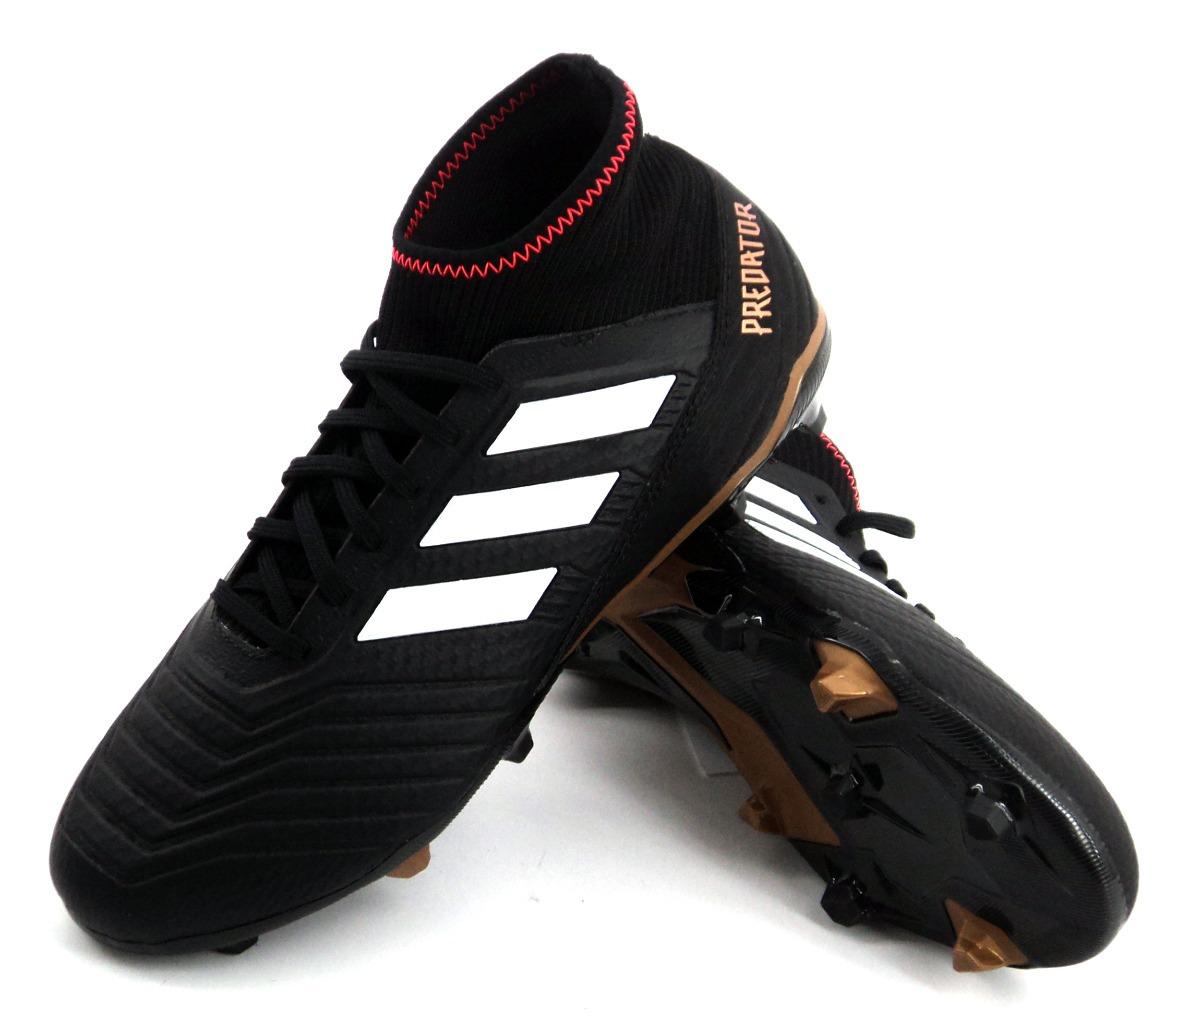 botin adidas predator 18.3 fg negro fútbol adulto eezap. Cargando zoom. a28659bd7f42e